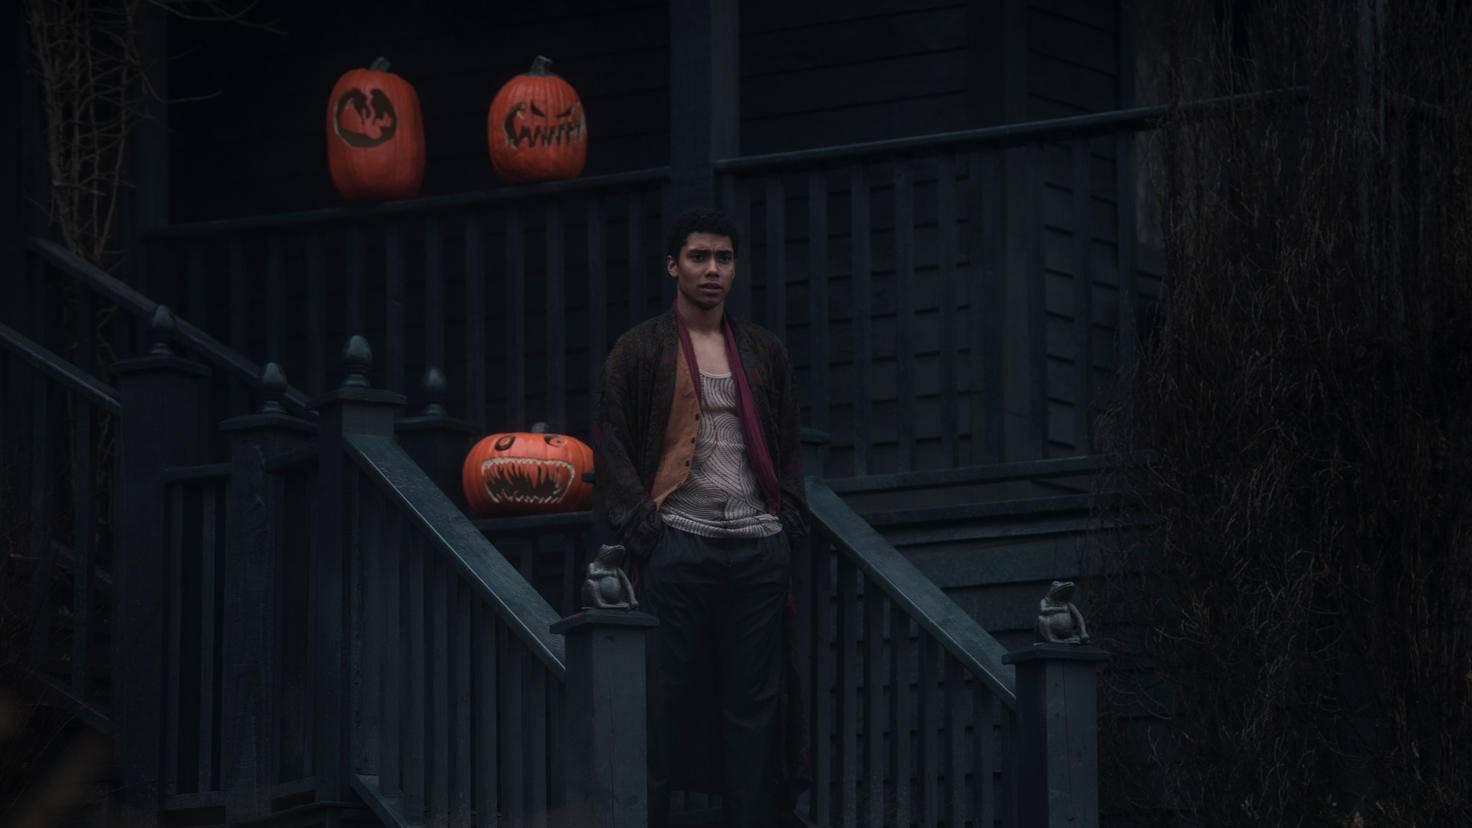 Mit Sabrina und den Tanten lebt Ambrose, ein Cousin der Junghexe, der ans Haus gefesselt ist.